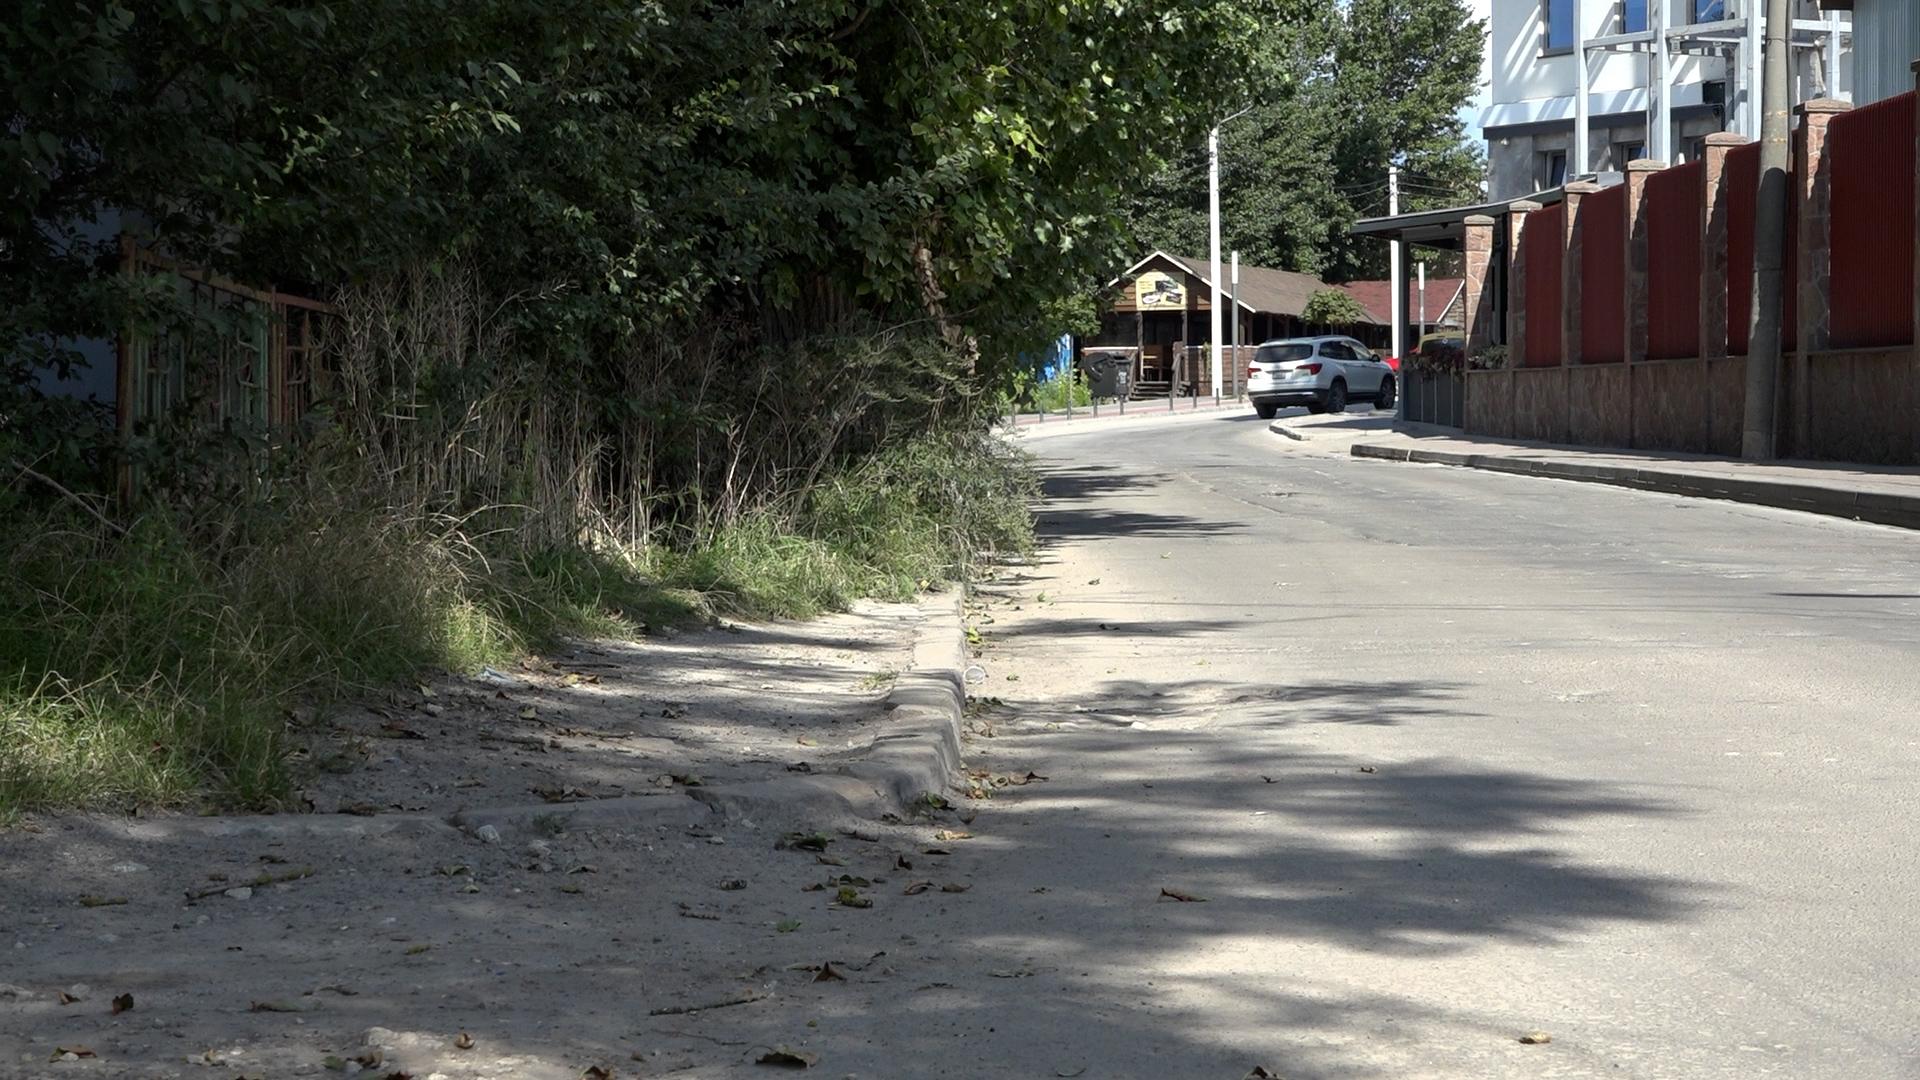 За понад 30 мільйонів відремонтують майже кілометр дороги на вул. Білецька у Тернополі